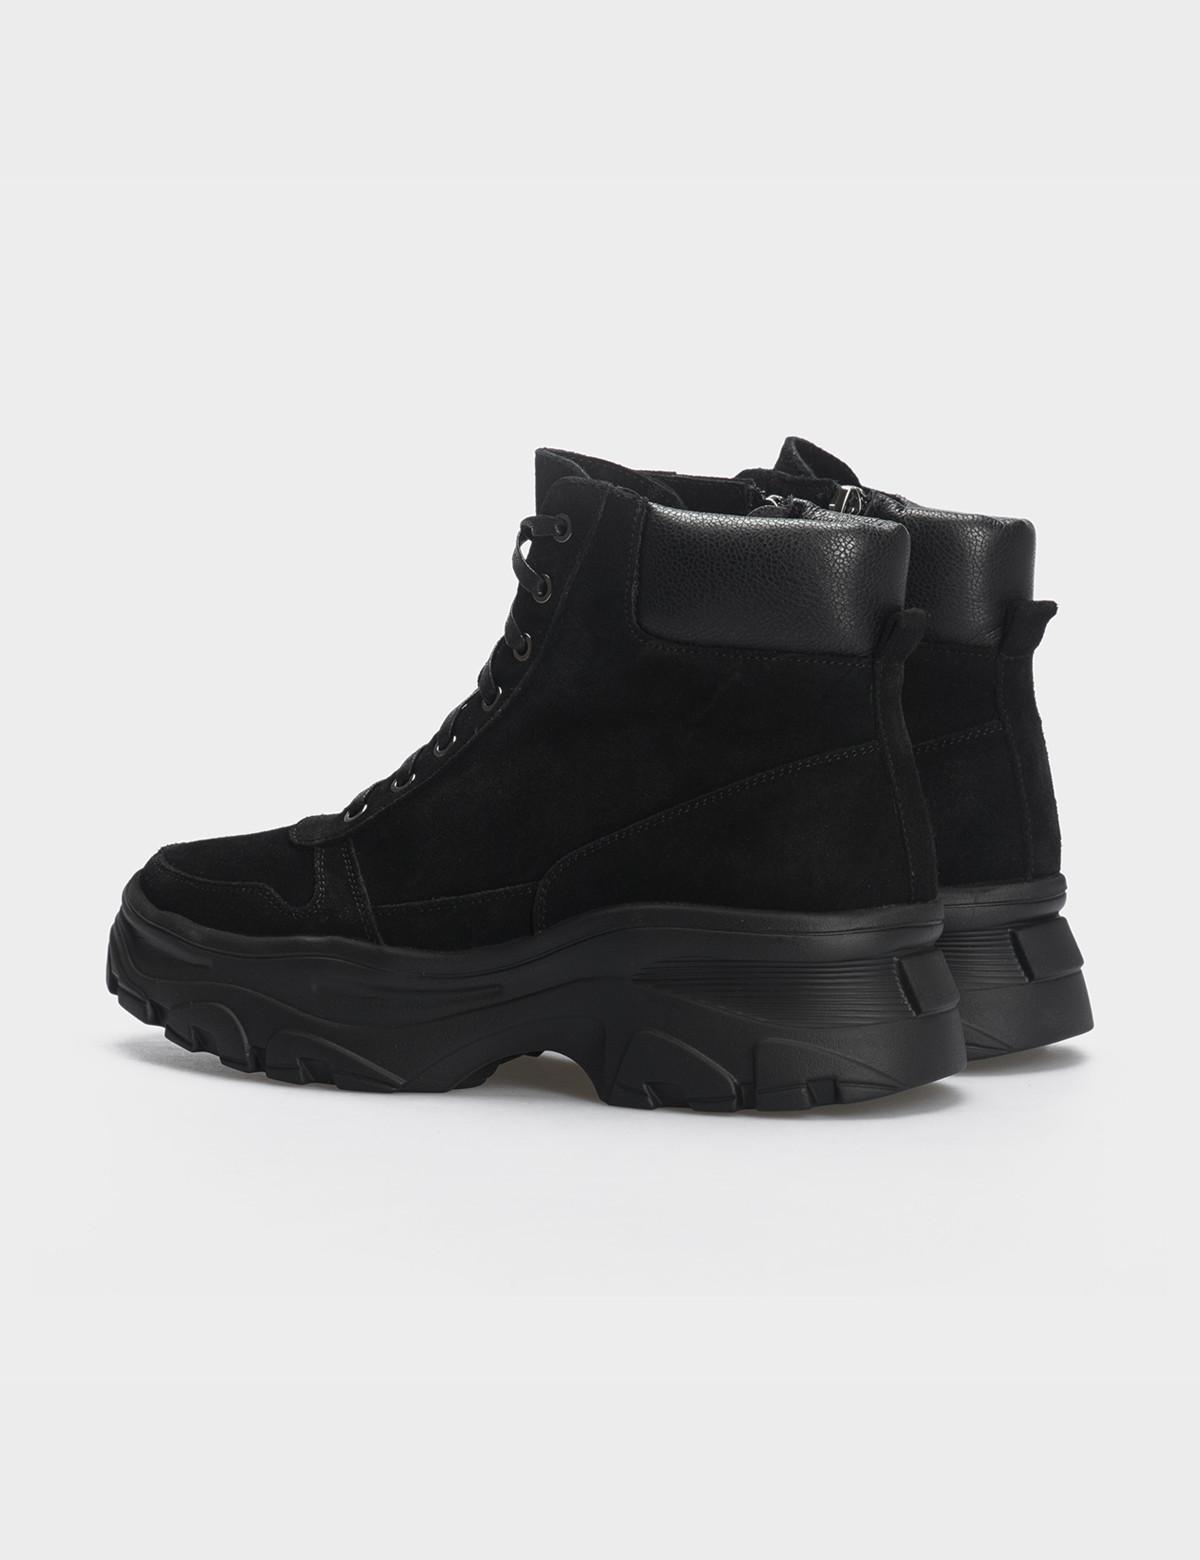 Ботинки черные, натуральная кожа/замша. Шерсть2